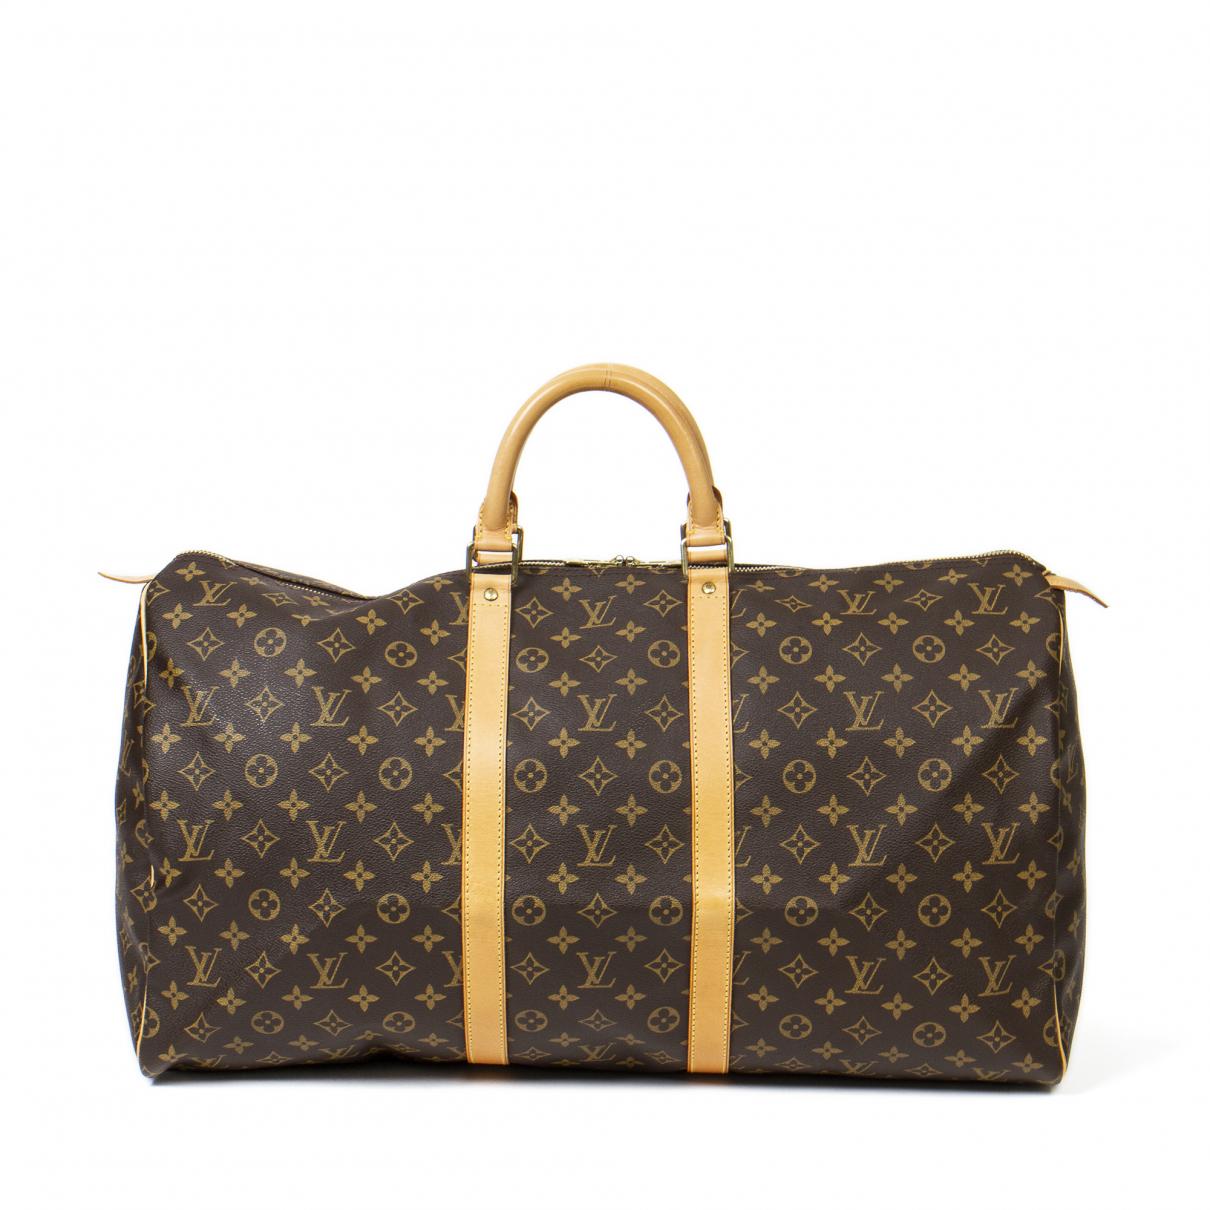 Louis Vuitton - Sac de voyage   pour femme en coton - marron